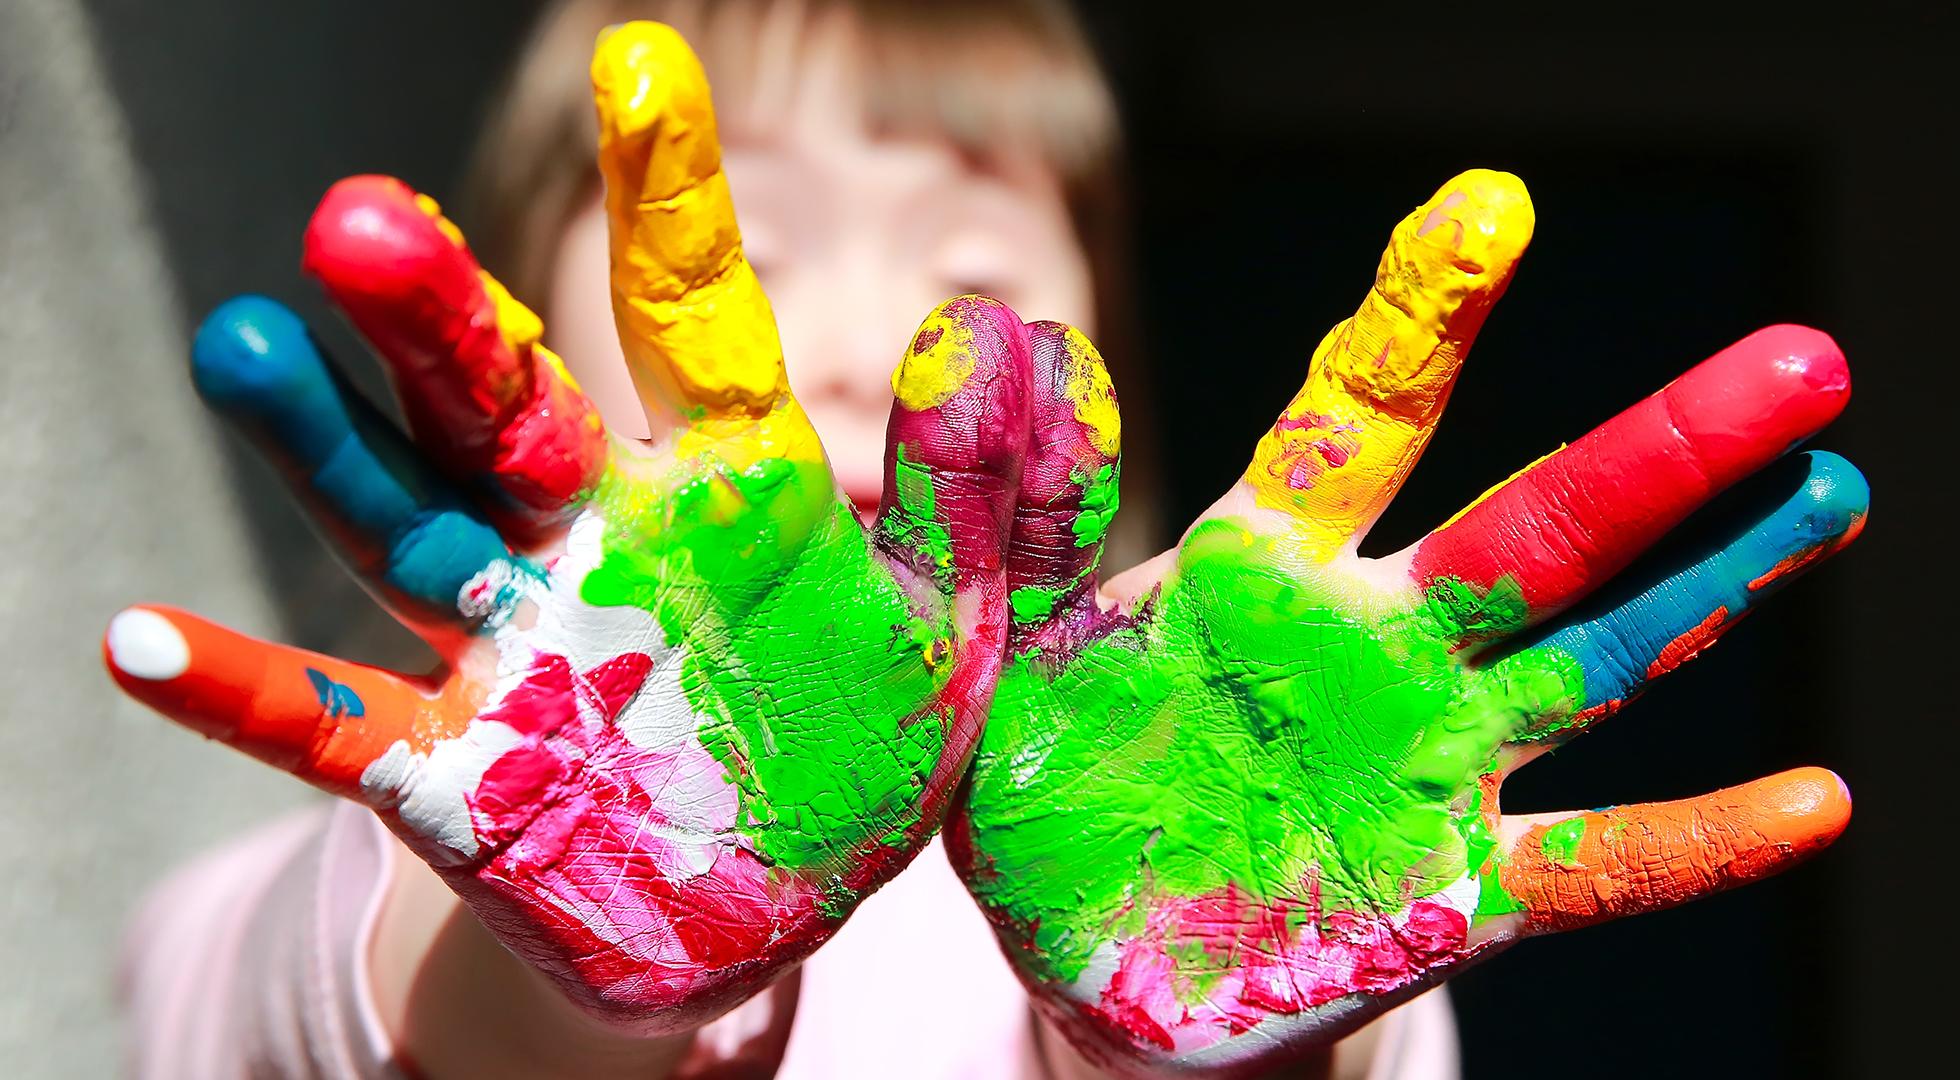 Bambina affetta da Sindrome di Down che gioca con la pittura